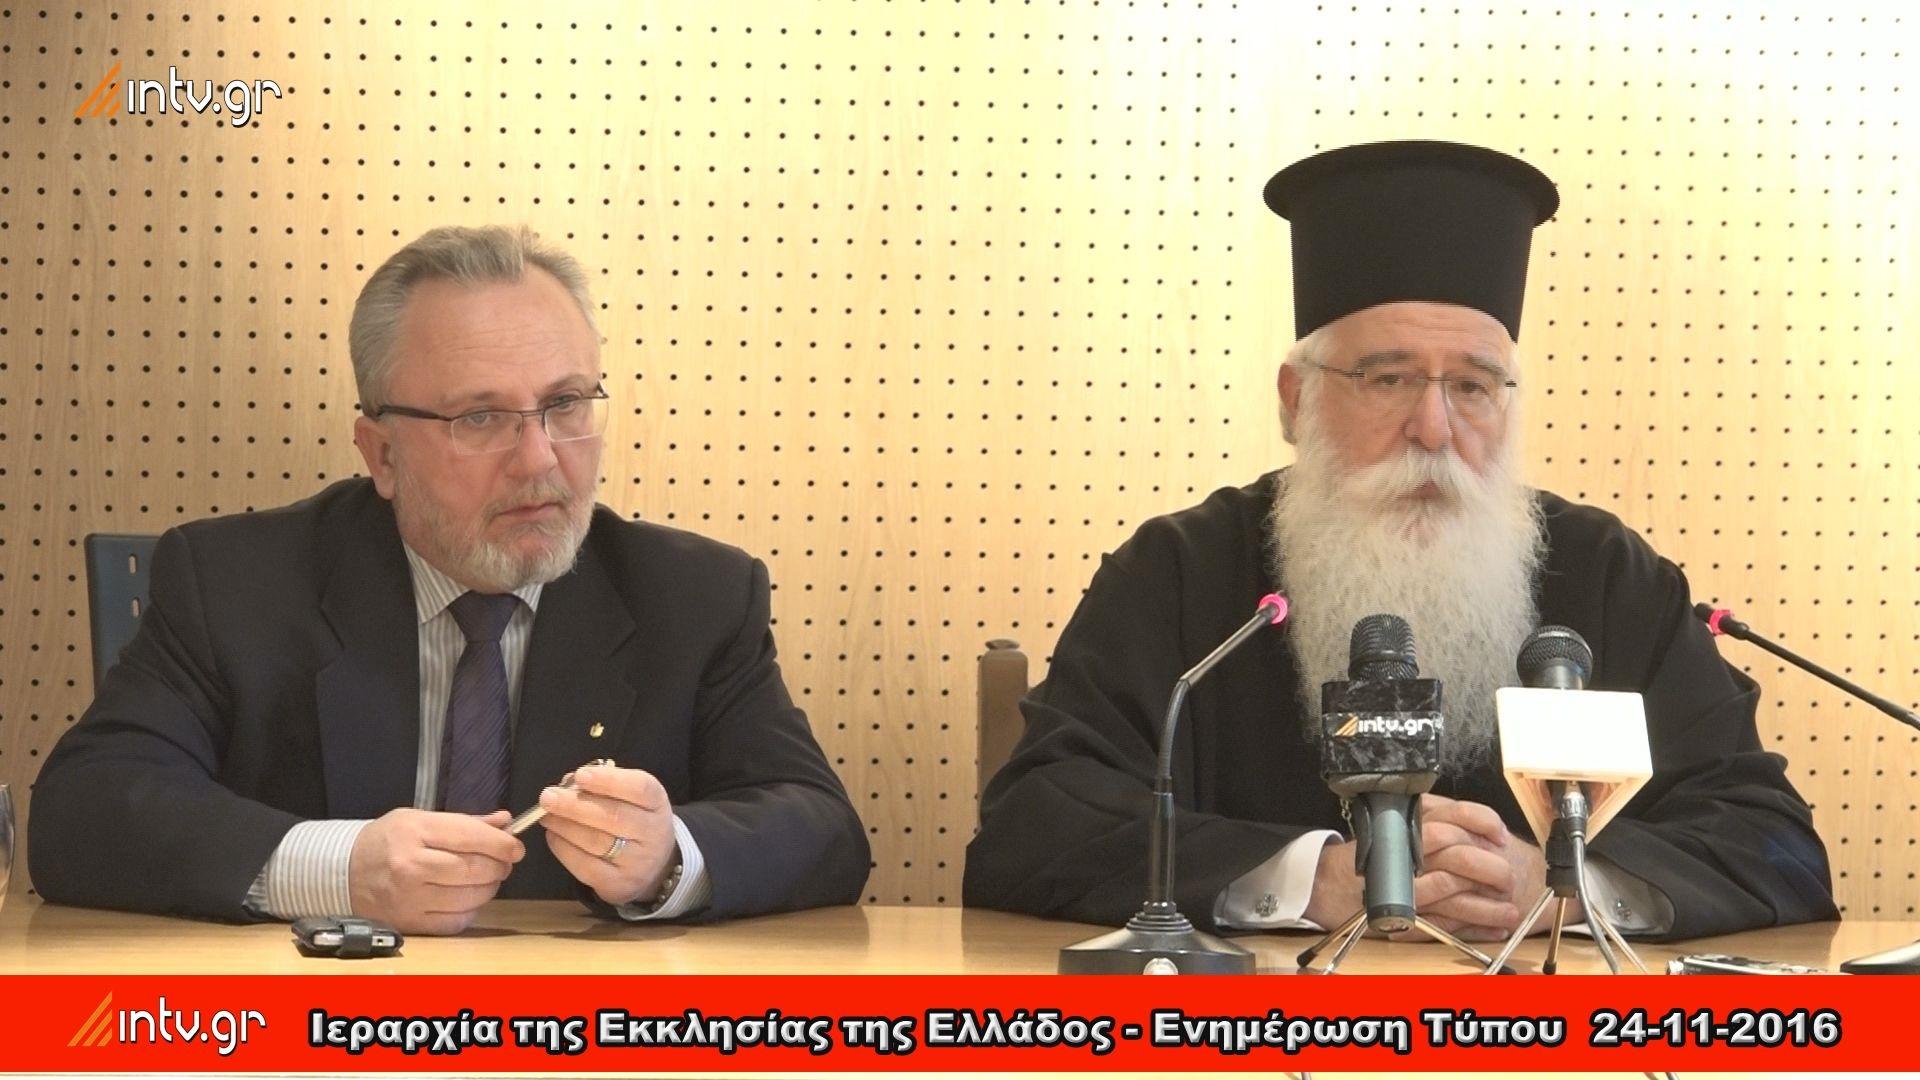 Ιεραρχία της Εκκλησίας της Ελλάδος - Ενημέρωση Τύπου  24-11-2016